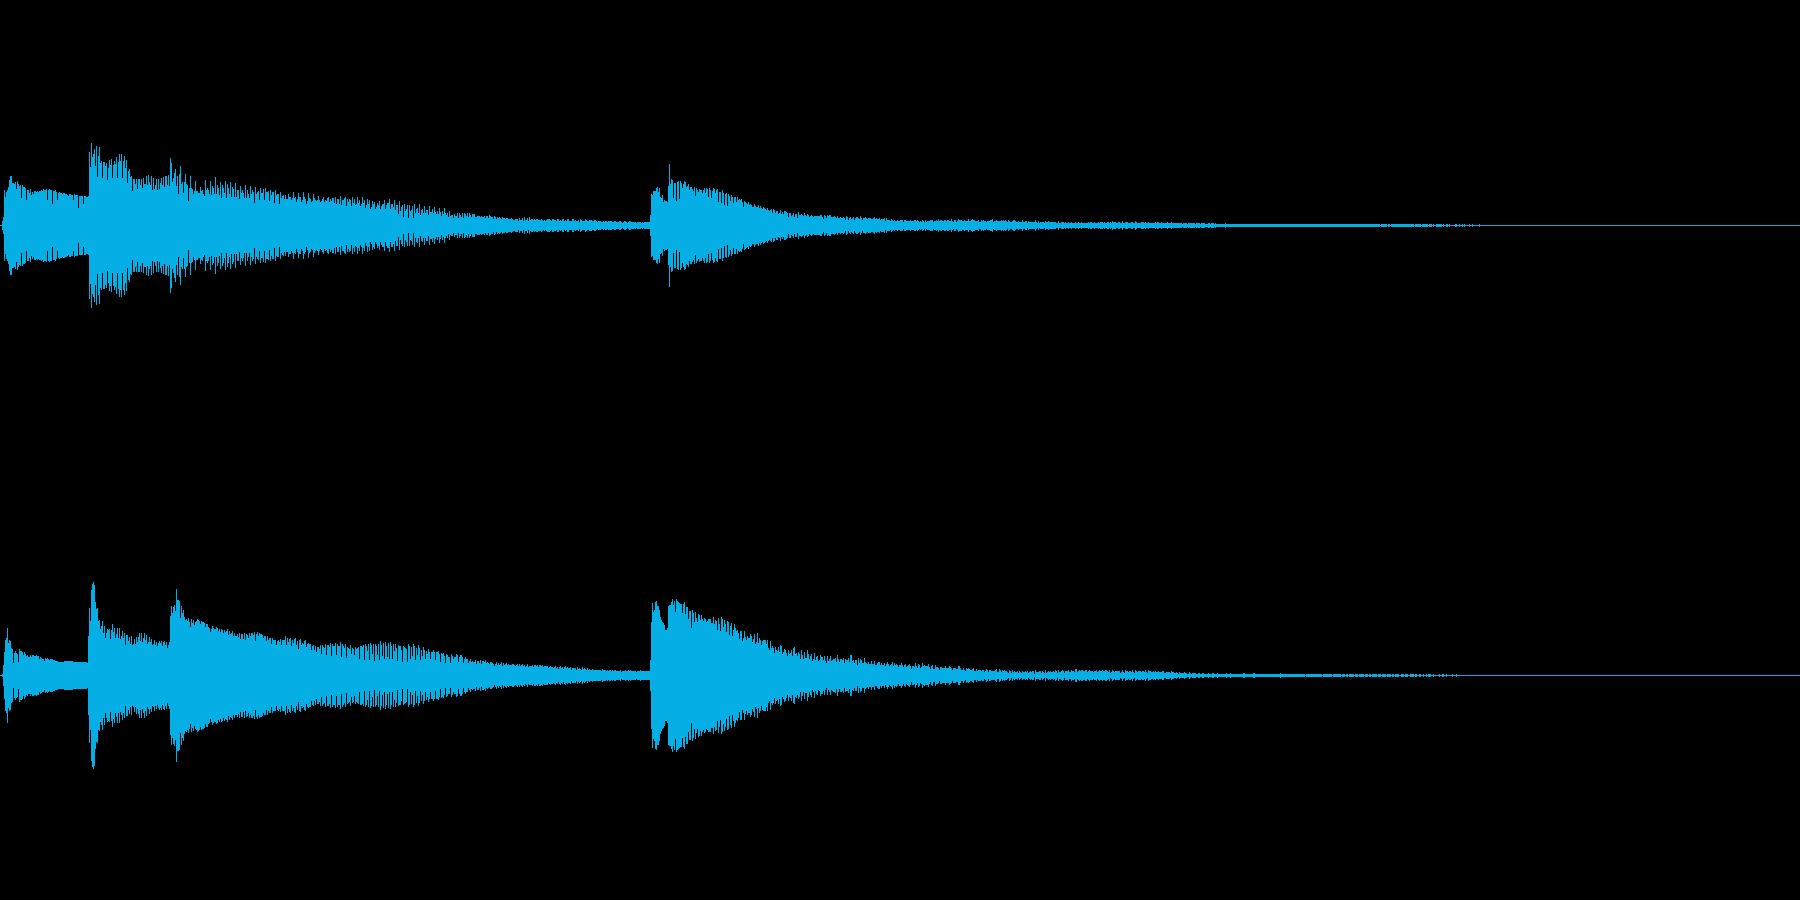 【生演奏】優しいピアノジングルの再生済みの波形